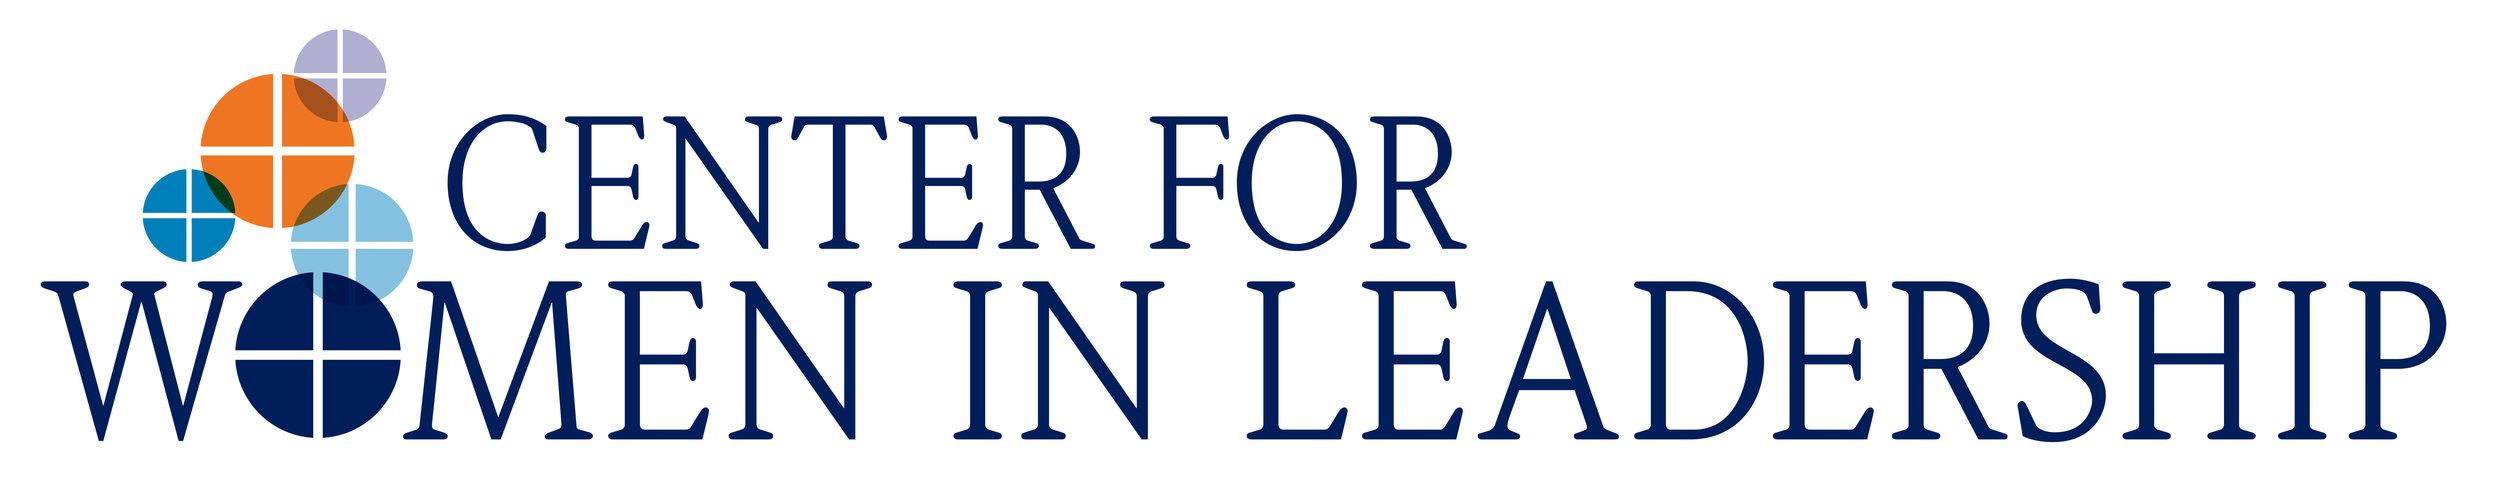 center-for-women-in-leadership-wordmark-large.jpg